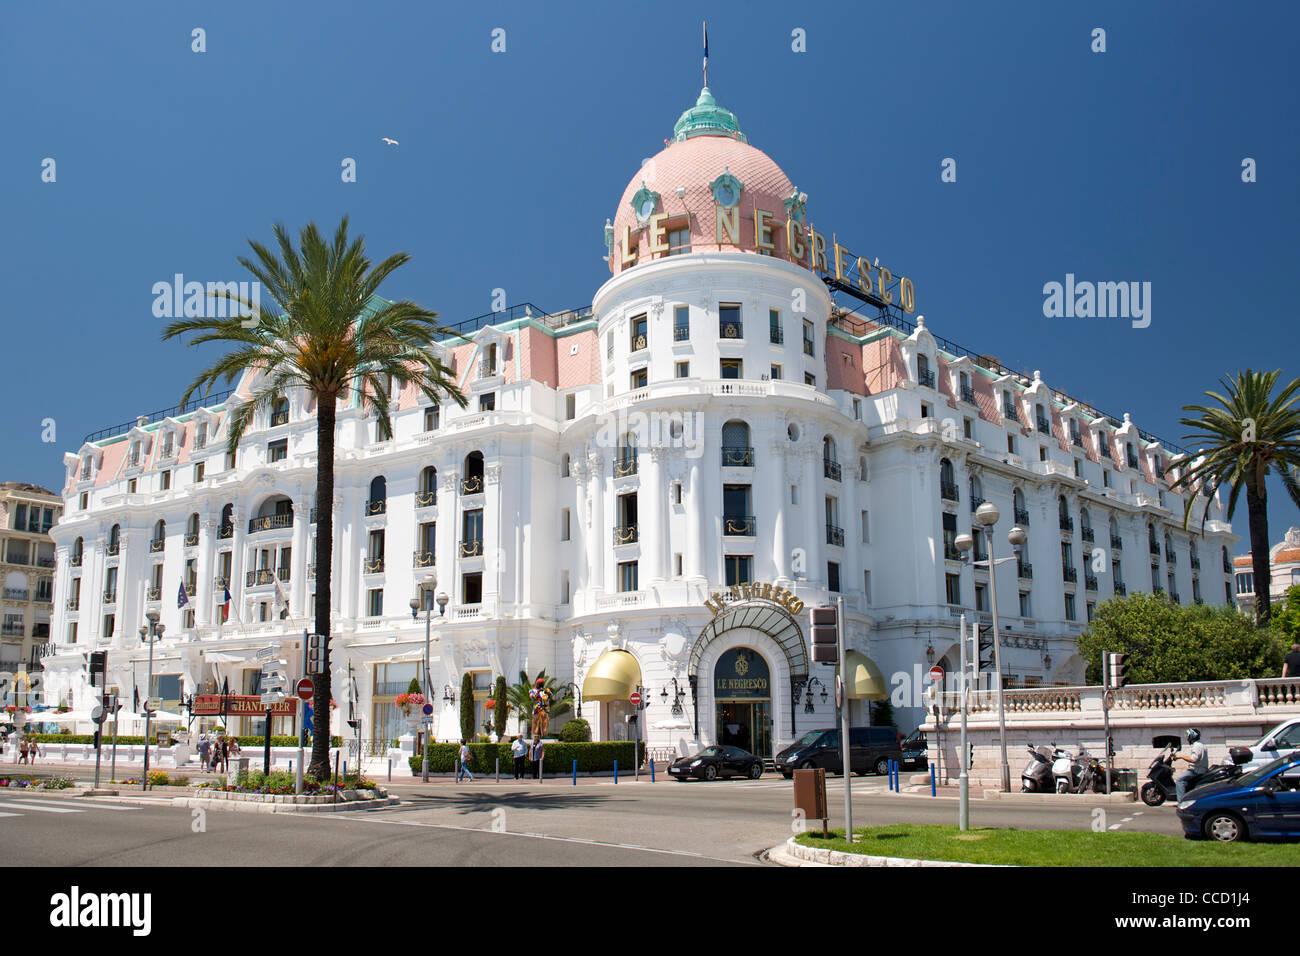 L'hôtel Negresco à Nice, sur la côte méditerranéenne dans le sud de la France. Photo Stock